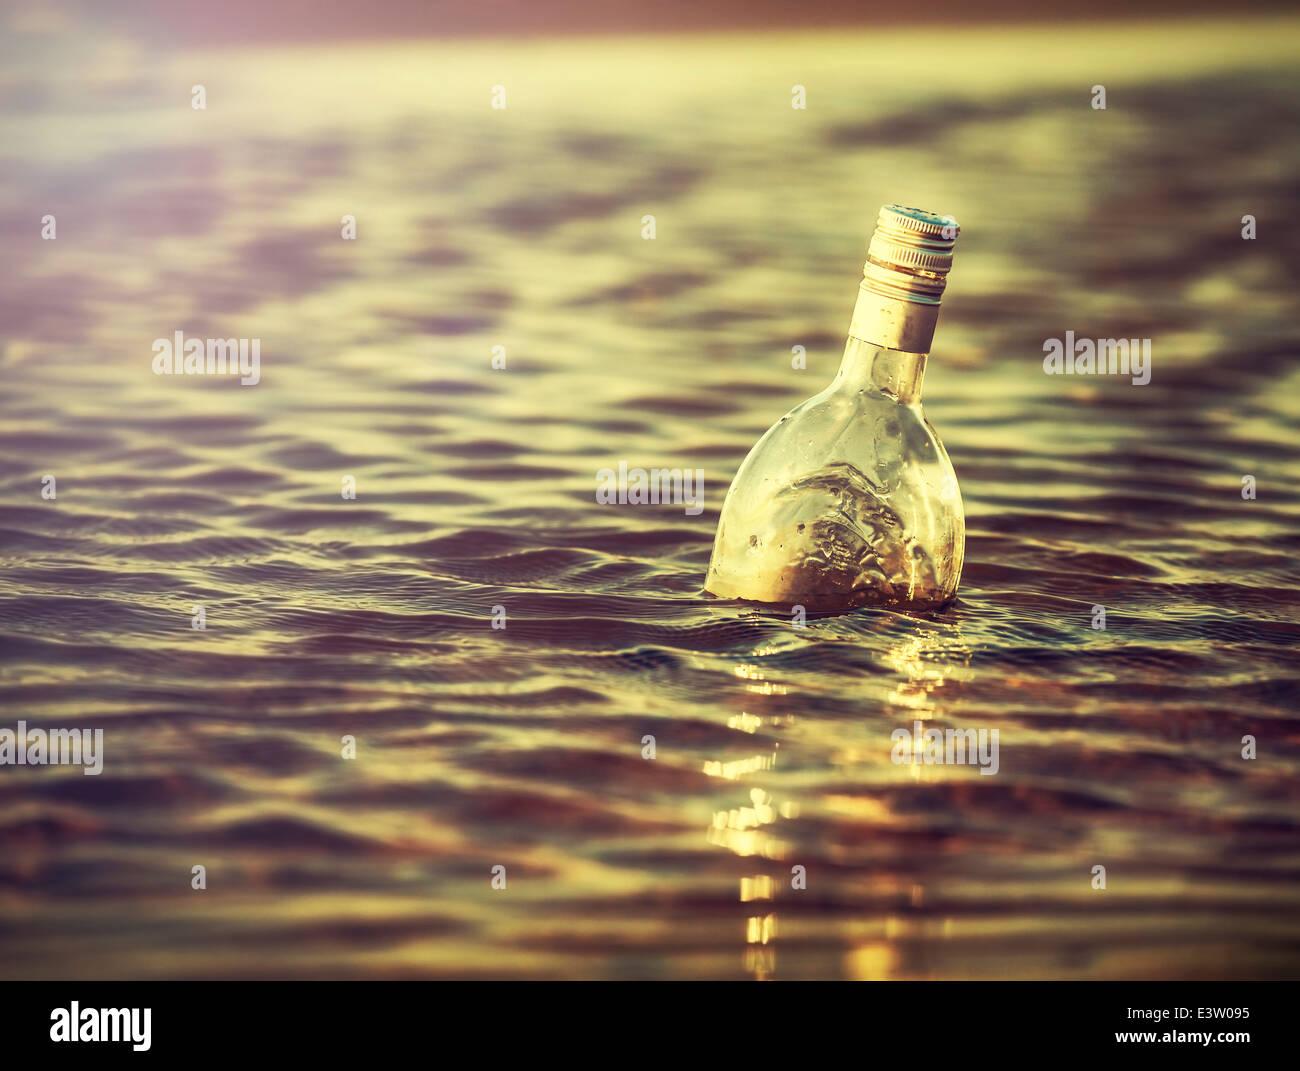 Botella de agua al atardecer, instagram retro vintage efecto. Imagen De Stock